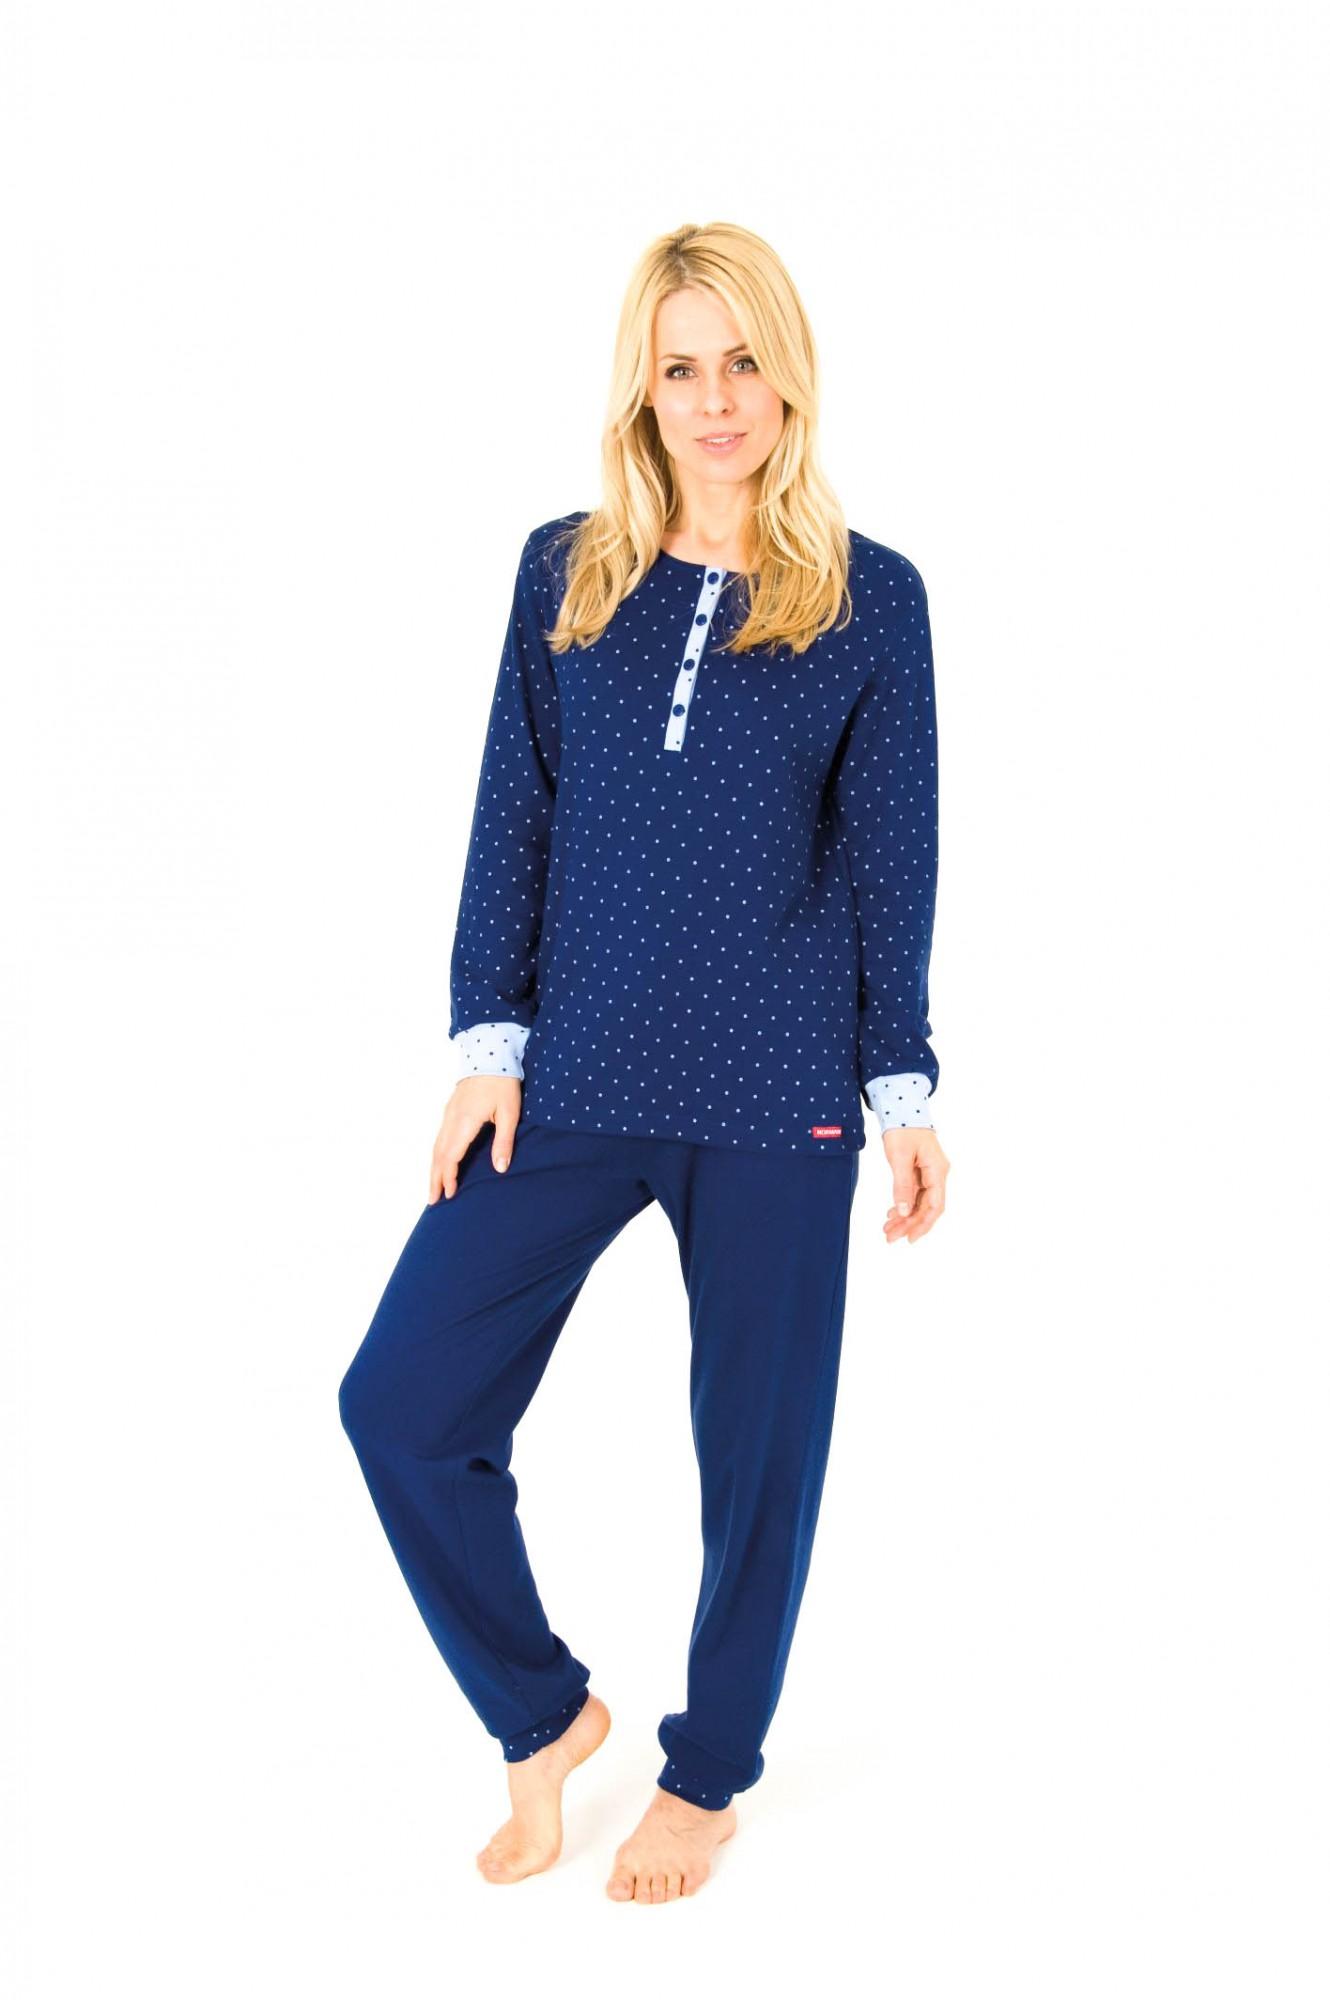 Pyjama mit Bündchen, Kuschel Interlock,   251 201 96 980